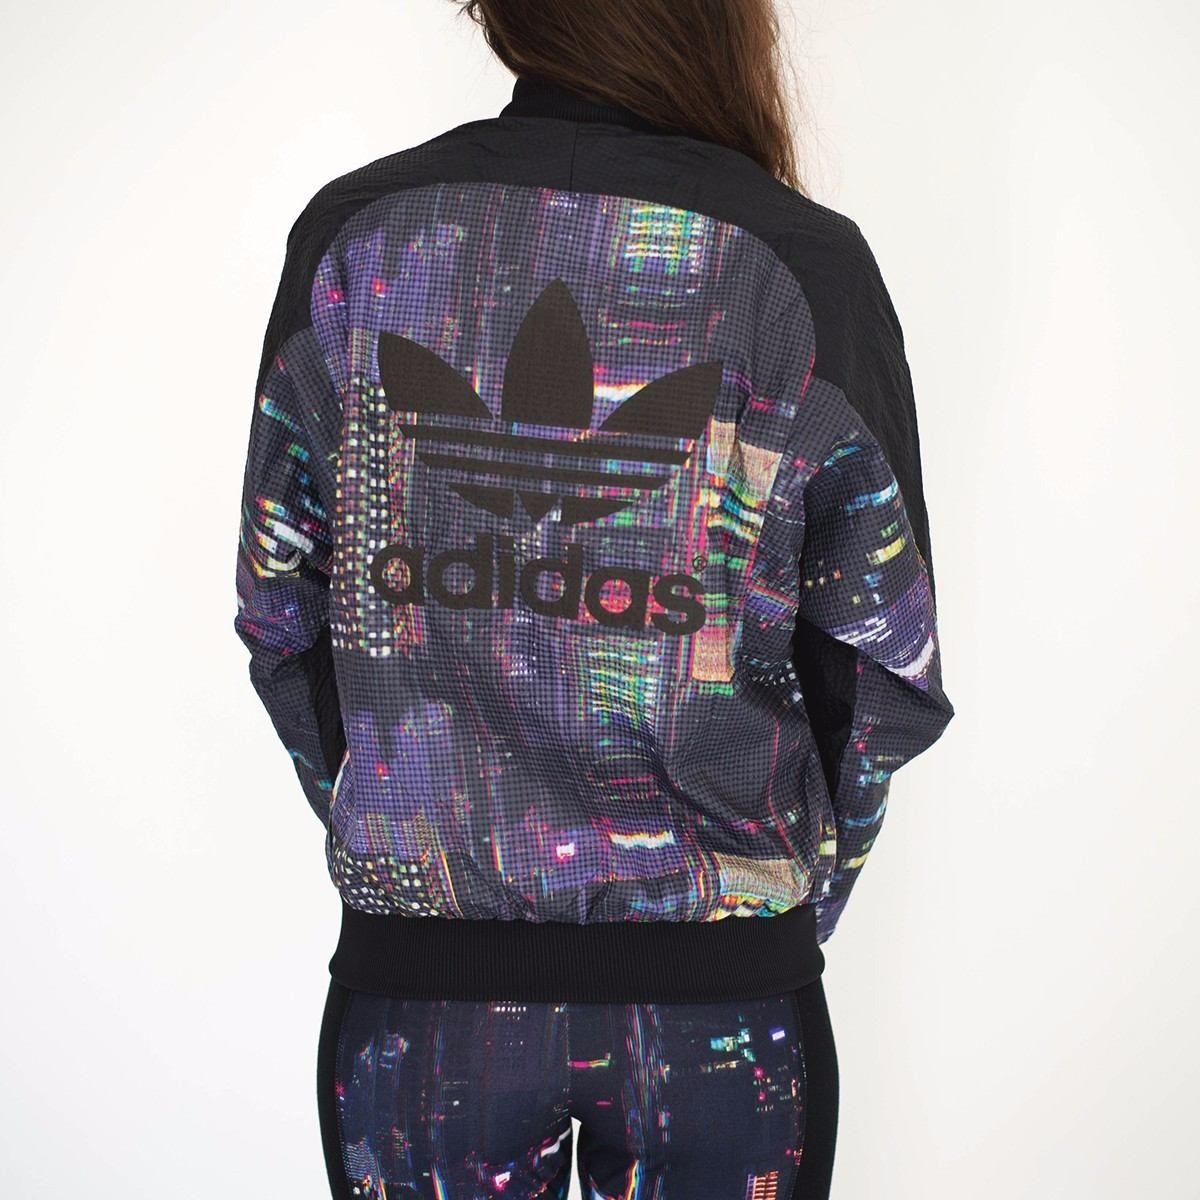 5475e5a86 Campera Adidas Mujer Unico!! Original!! Talle S!! - $ 800,00 en MercadoLibre